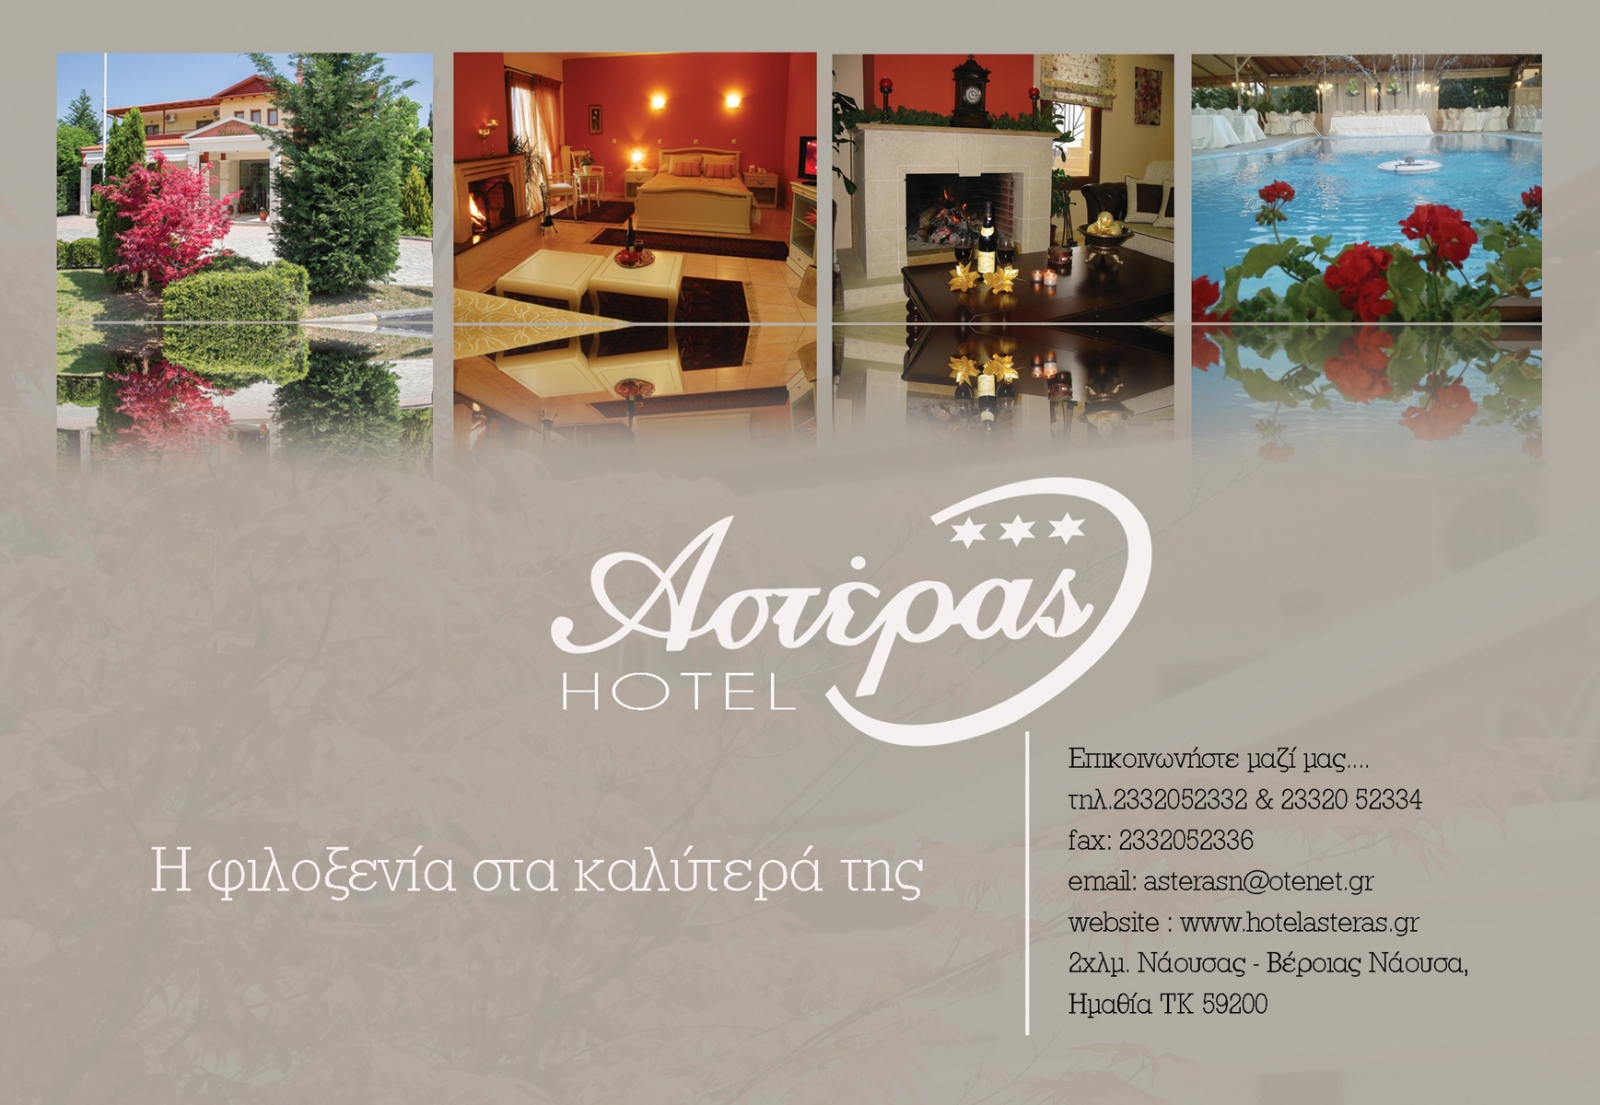 Αστέρας Ξενοδοχείο Νάουσα